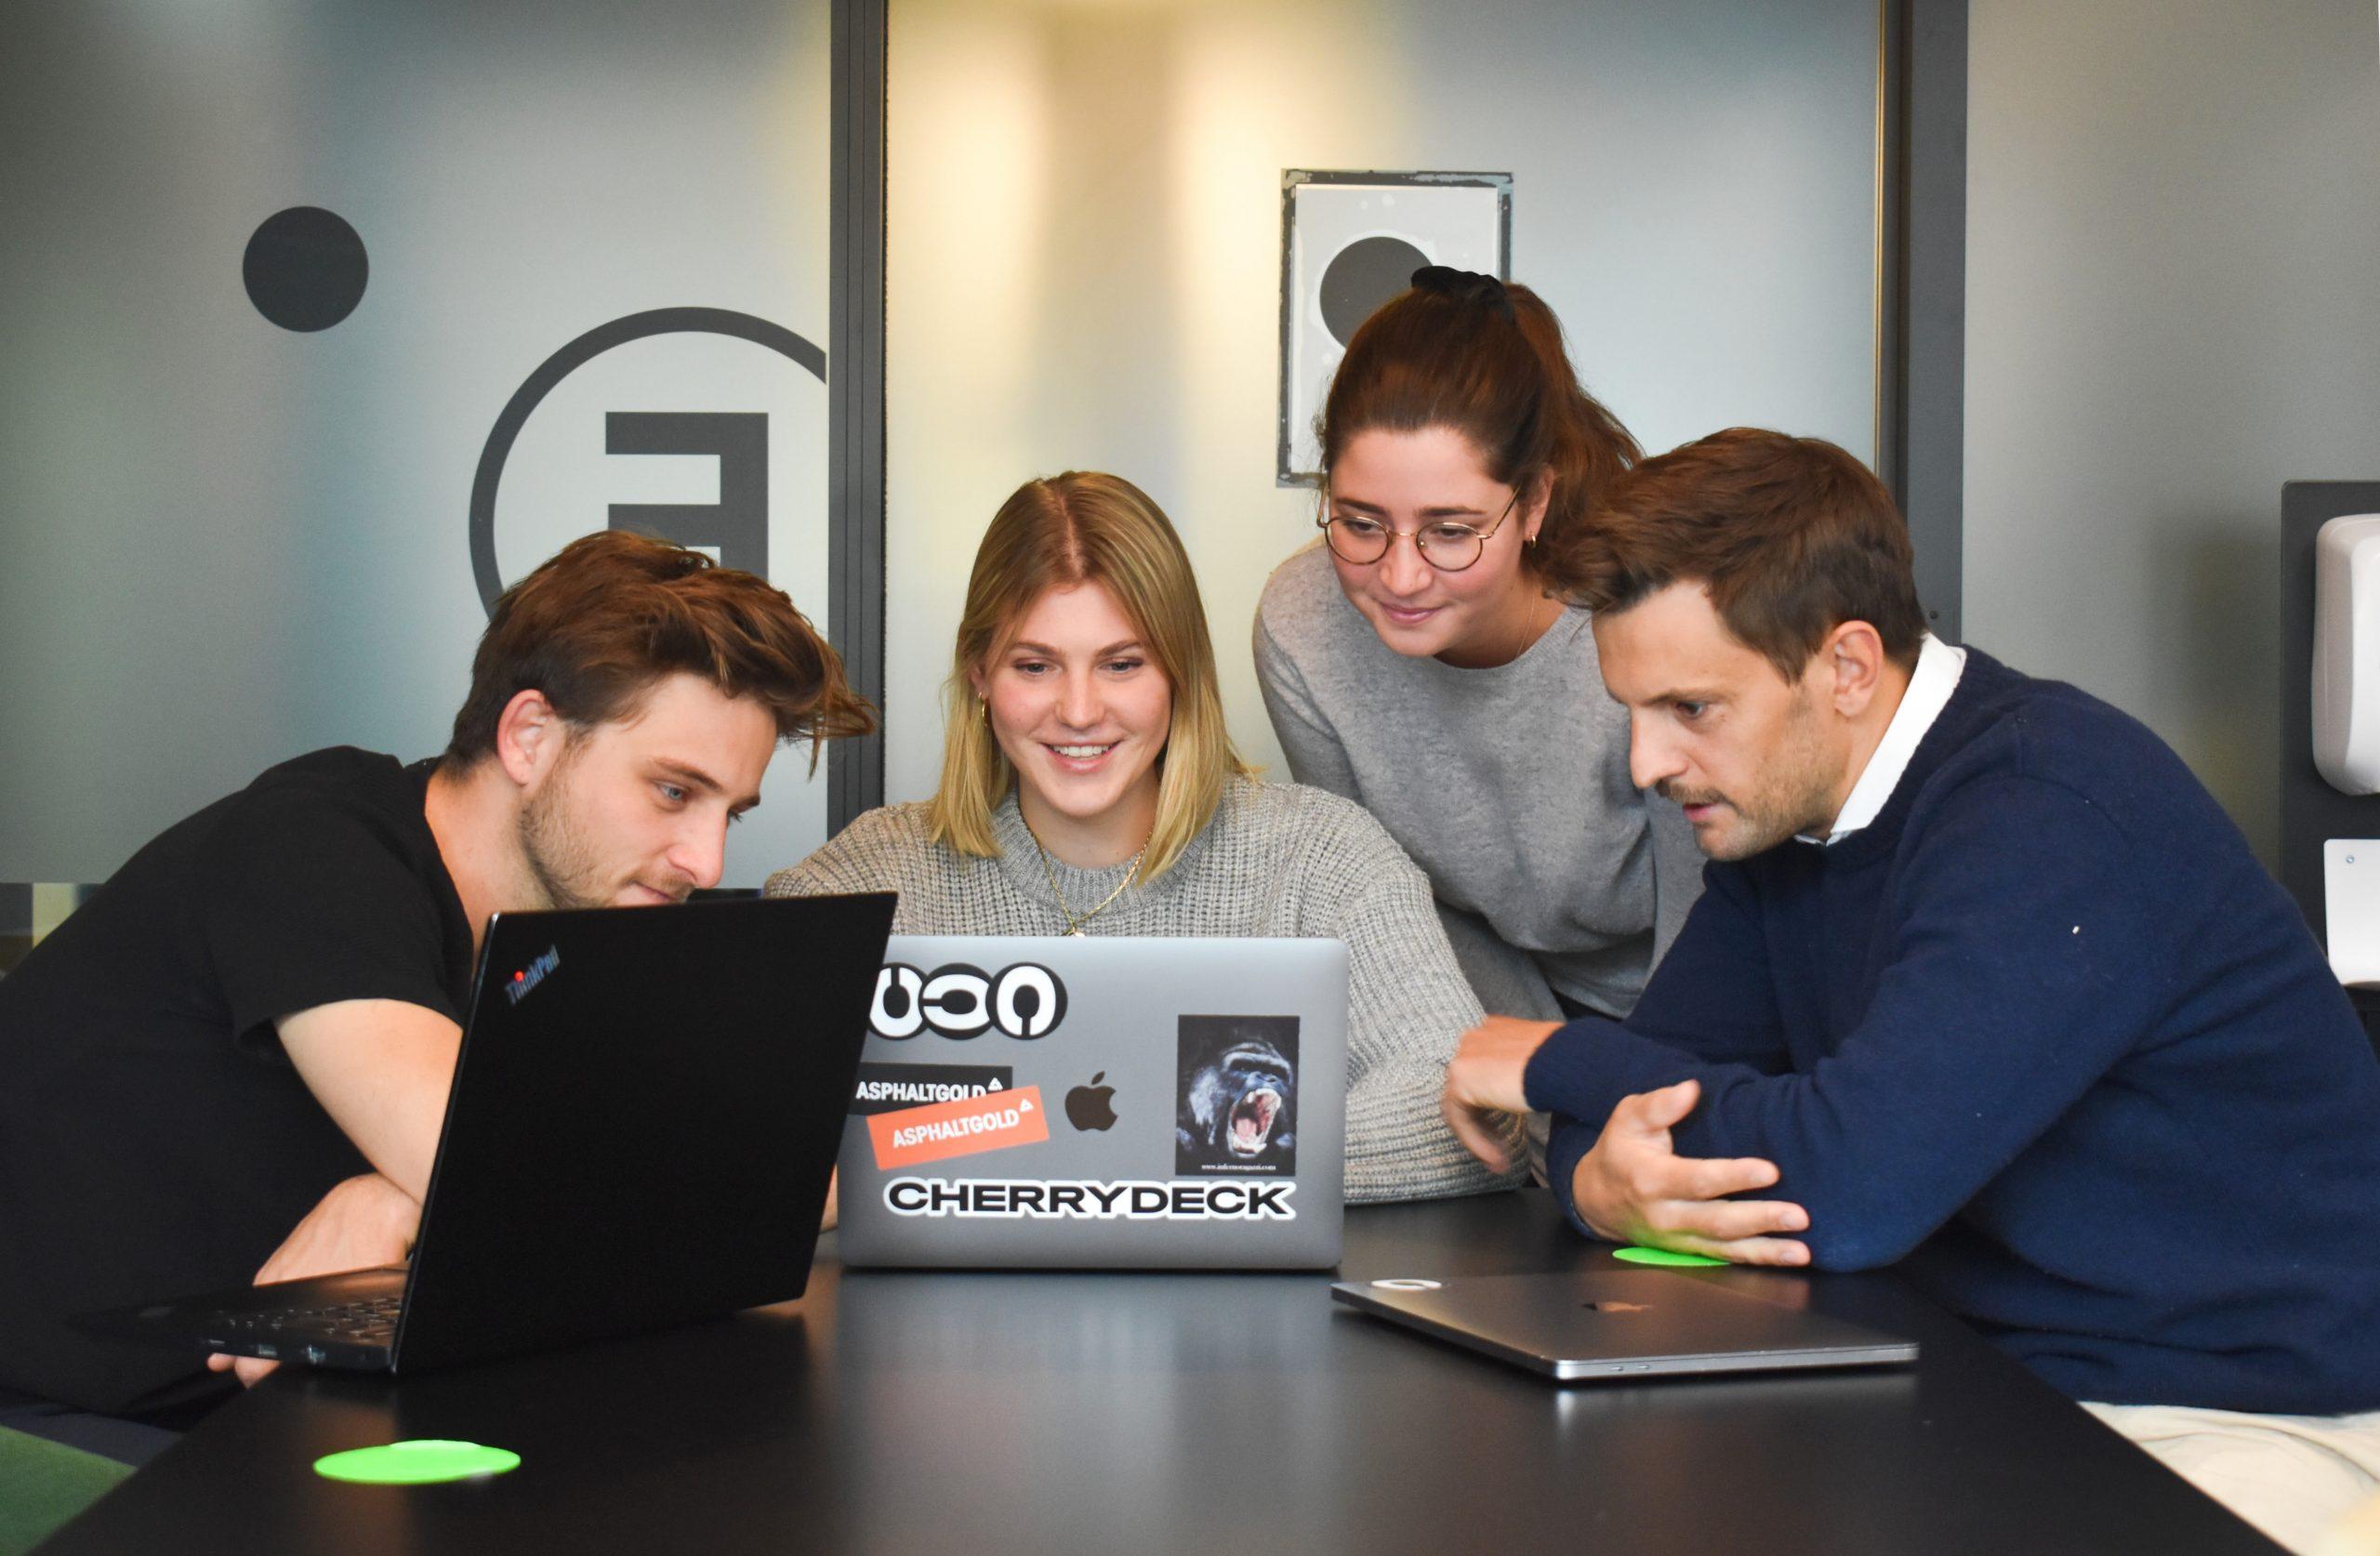 Développeurs heureux devant un ordinateur